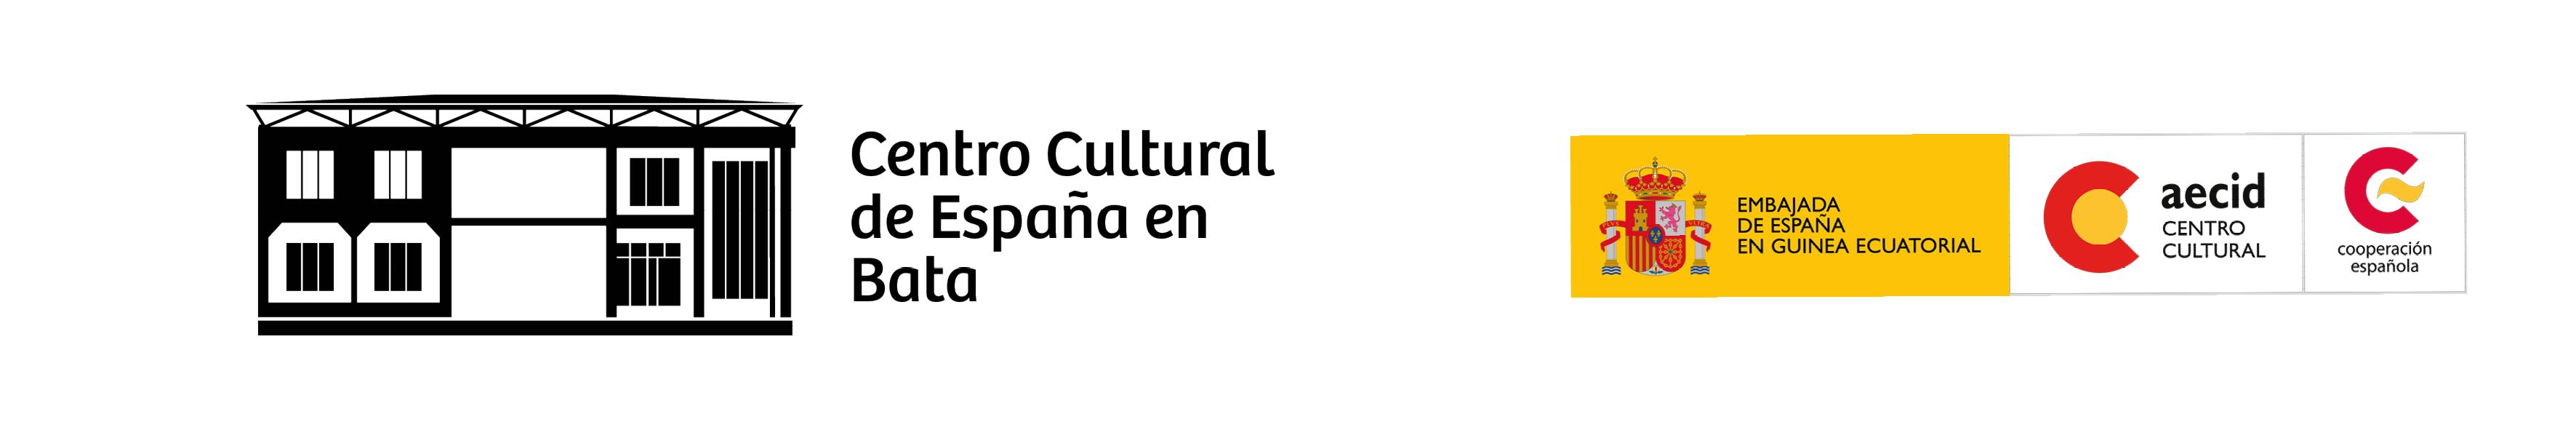 Centro Cultural de España Bata | AECID – Cooperación y cultura